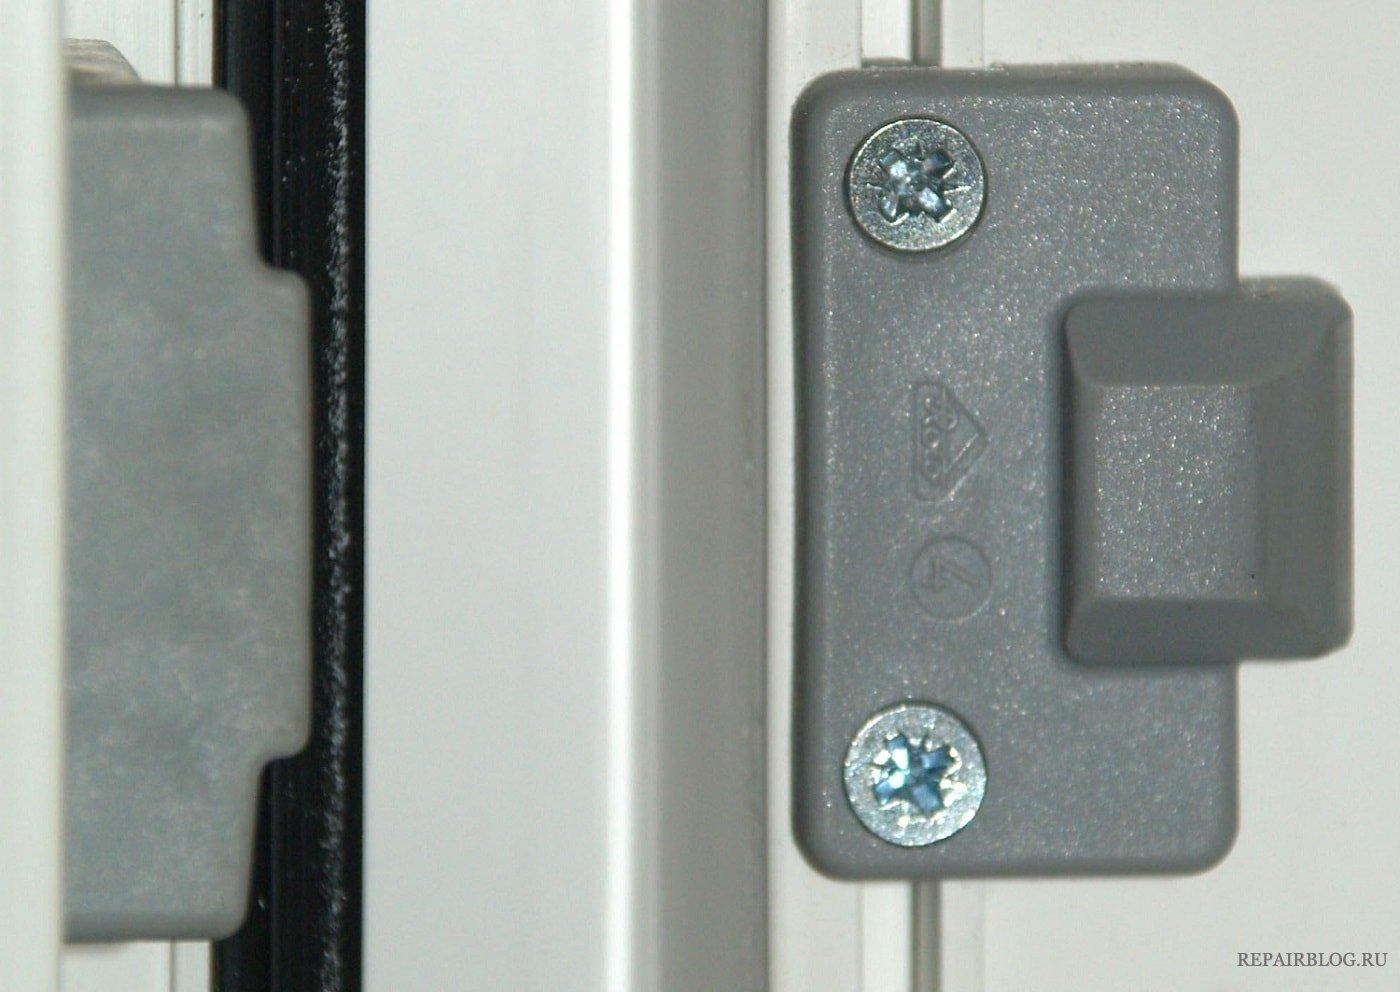 Регулировка поворотно откидного механизма пластикового окна